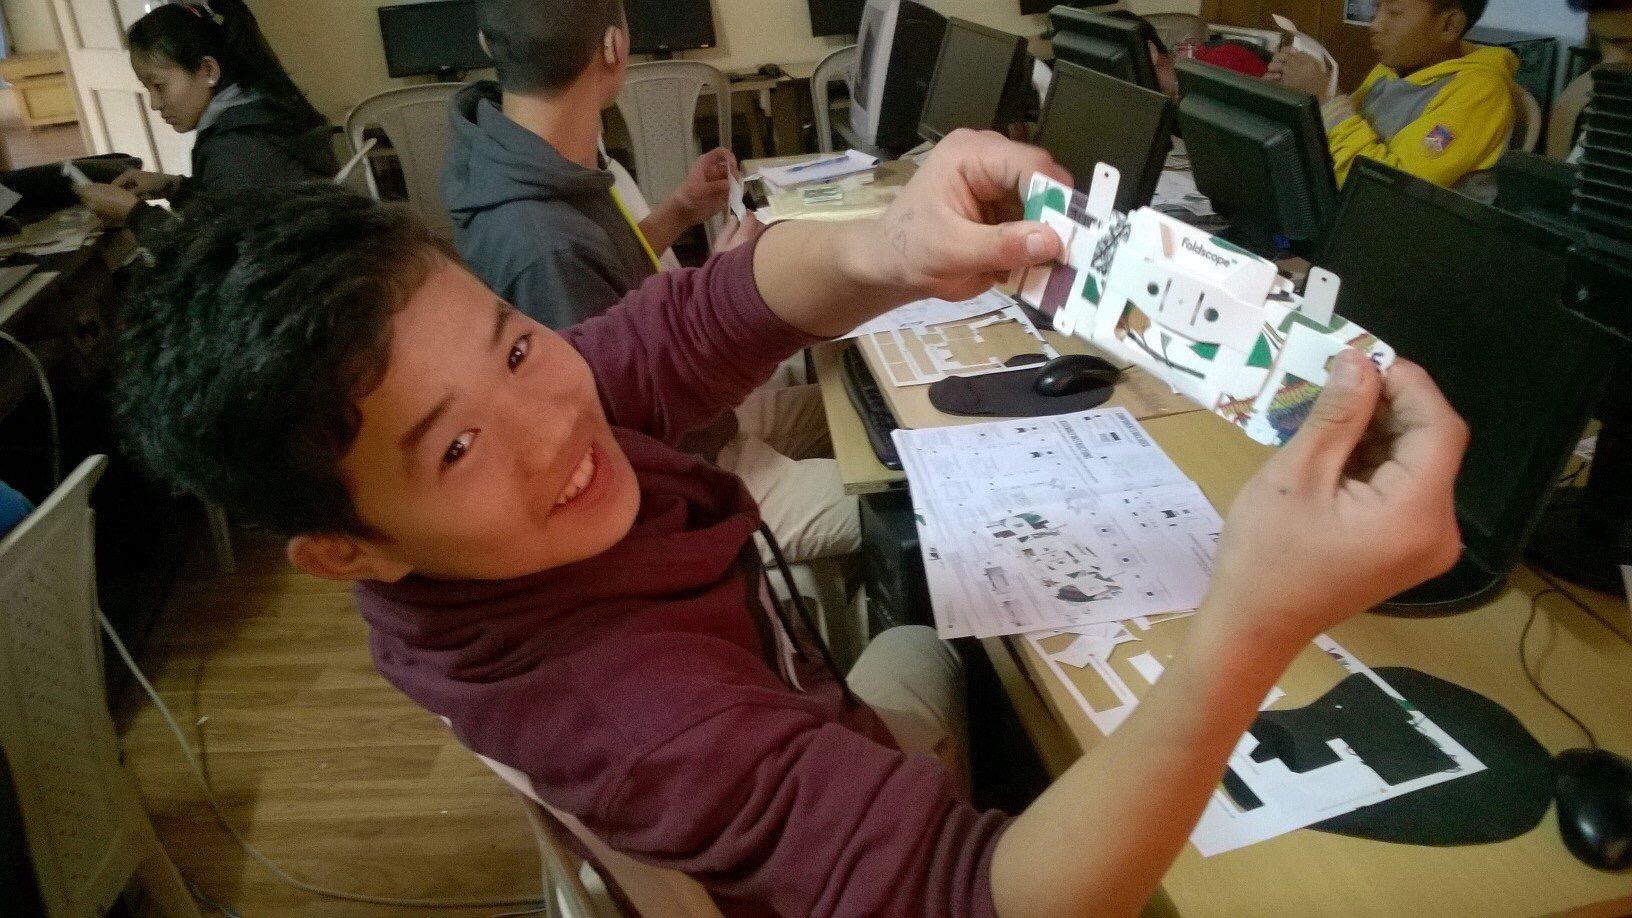 Happy foldscoper